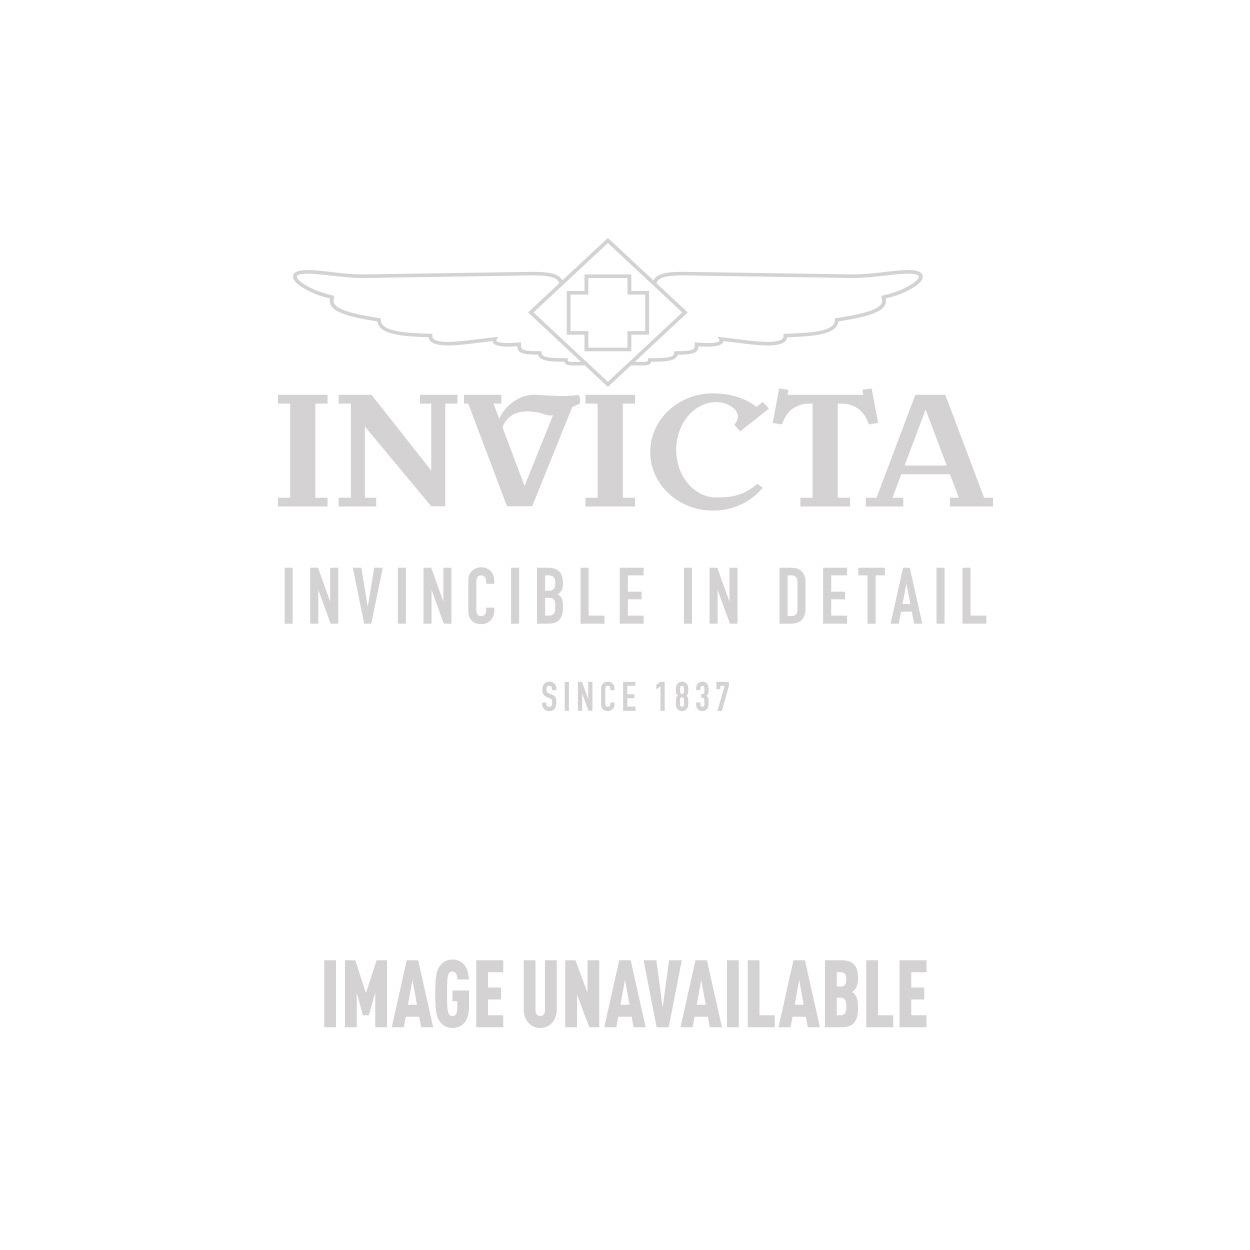 Invicta Model 27290